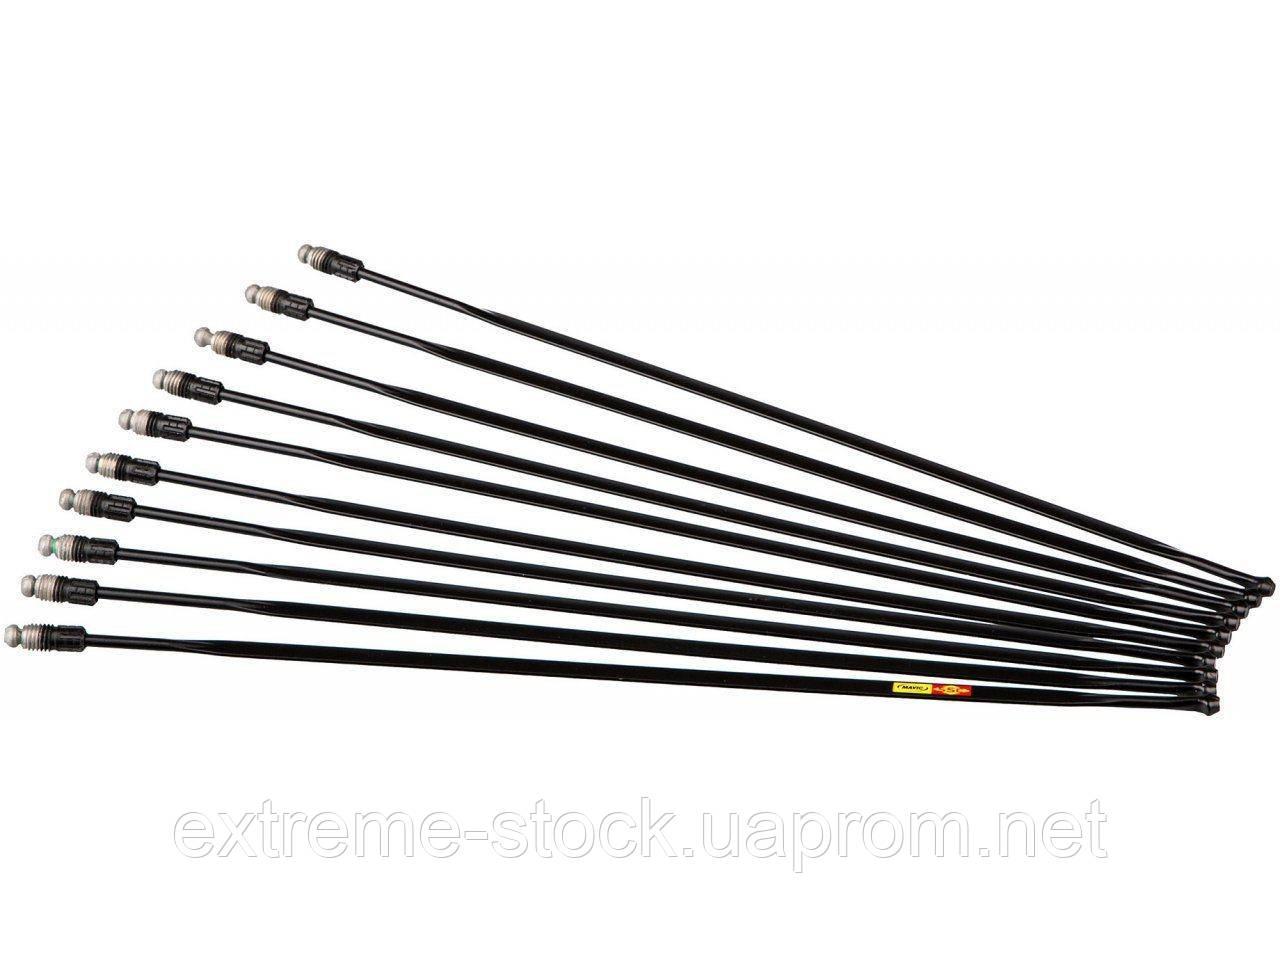 Спиця 286мм Mavic v2277801 - KSYRIUM ELITE UST, передня, сталь, чорна